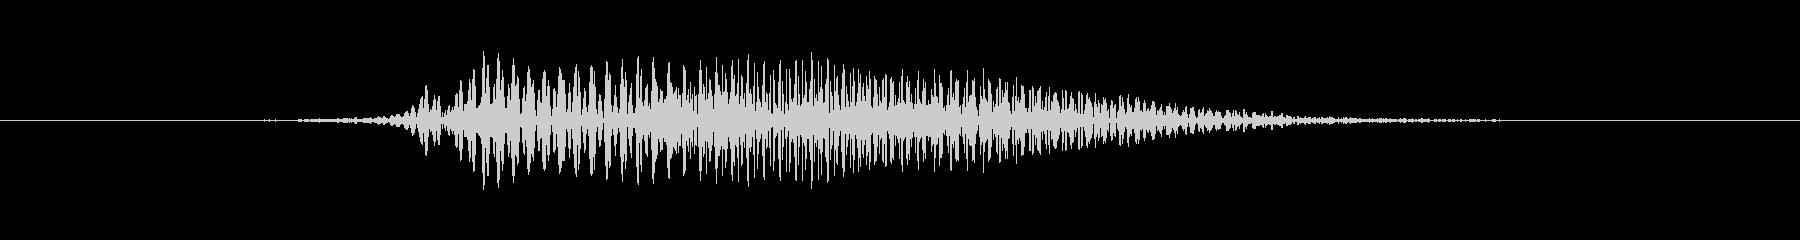 マンチキン、男性の声:ええの未再生の波形